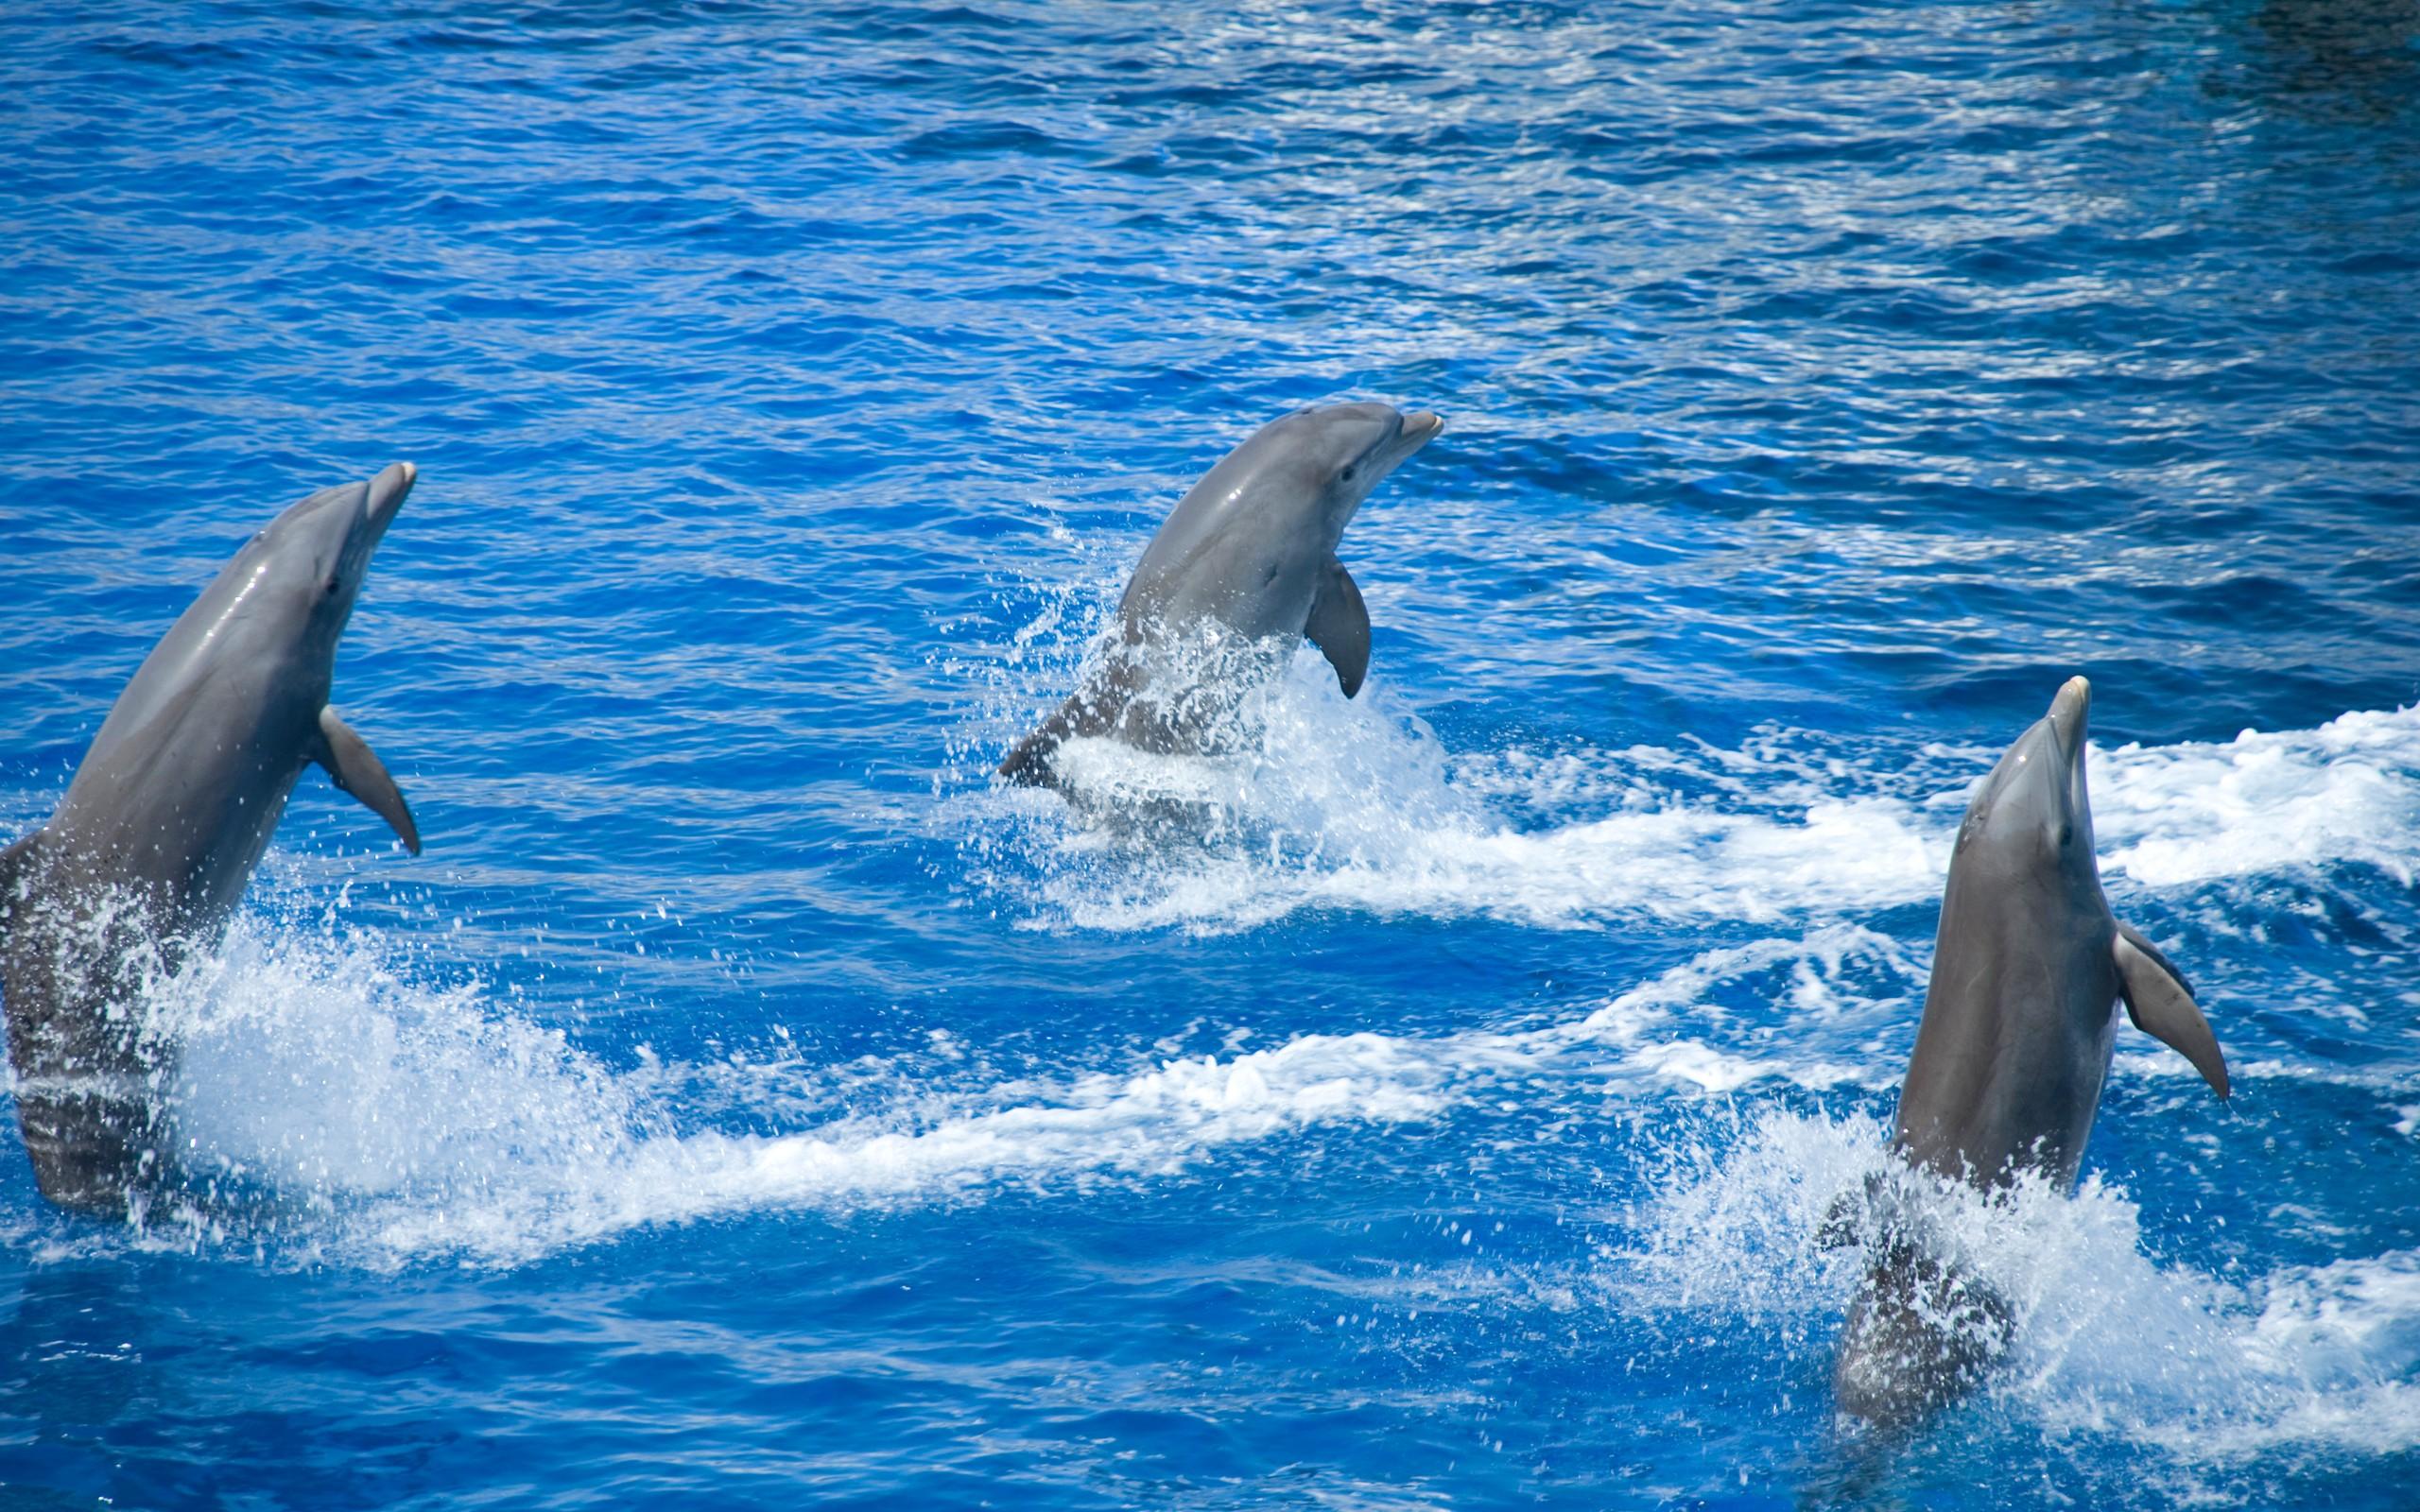 кунанбаев картинки на рабочий стол вода дельфины потом часто ссорились